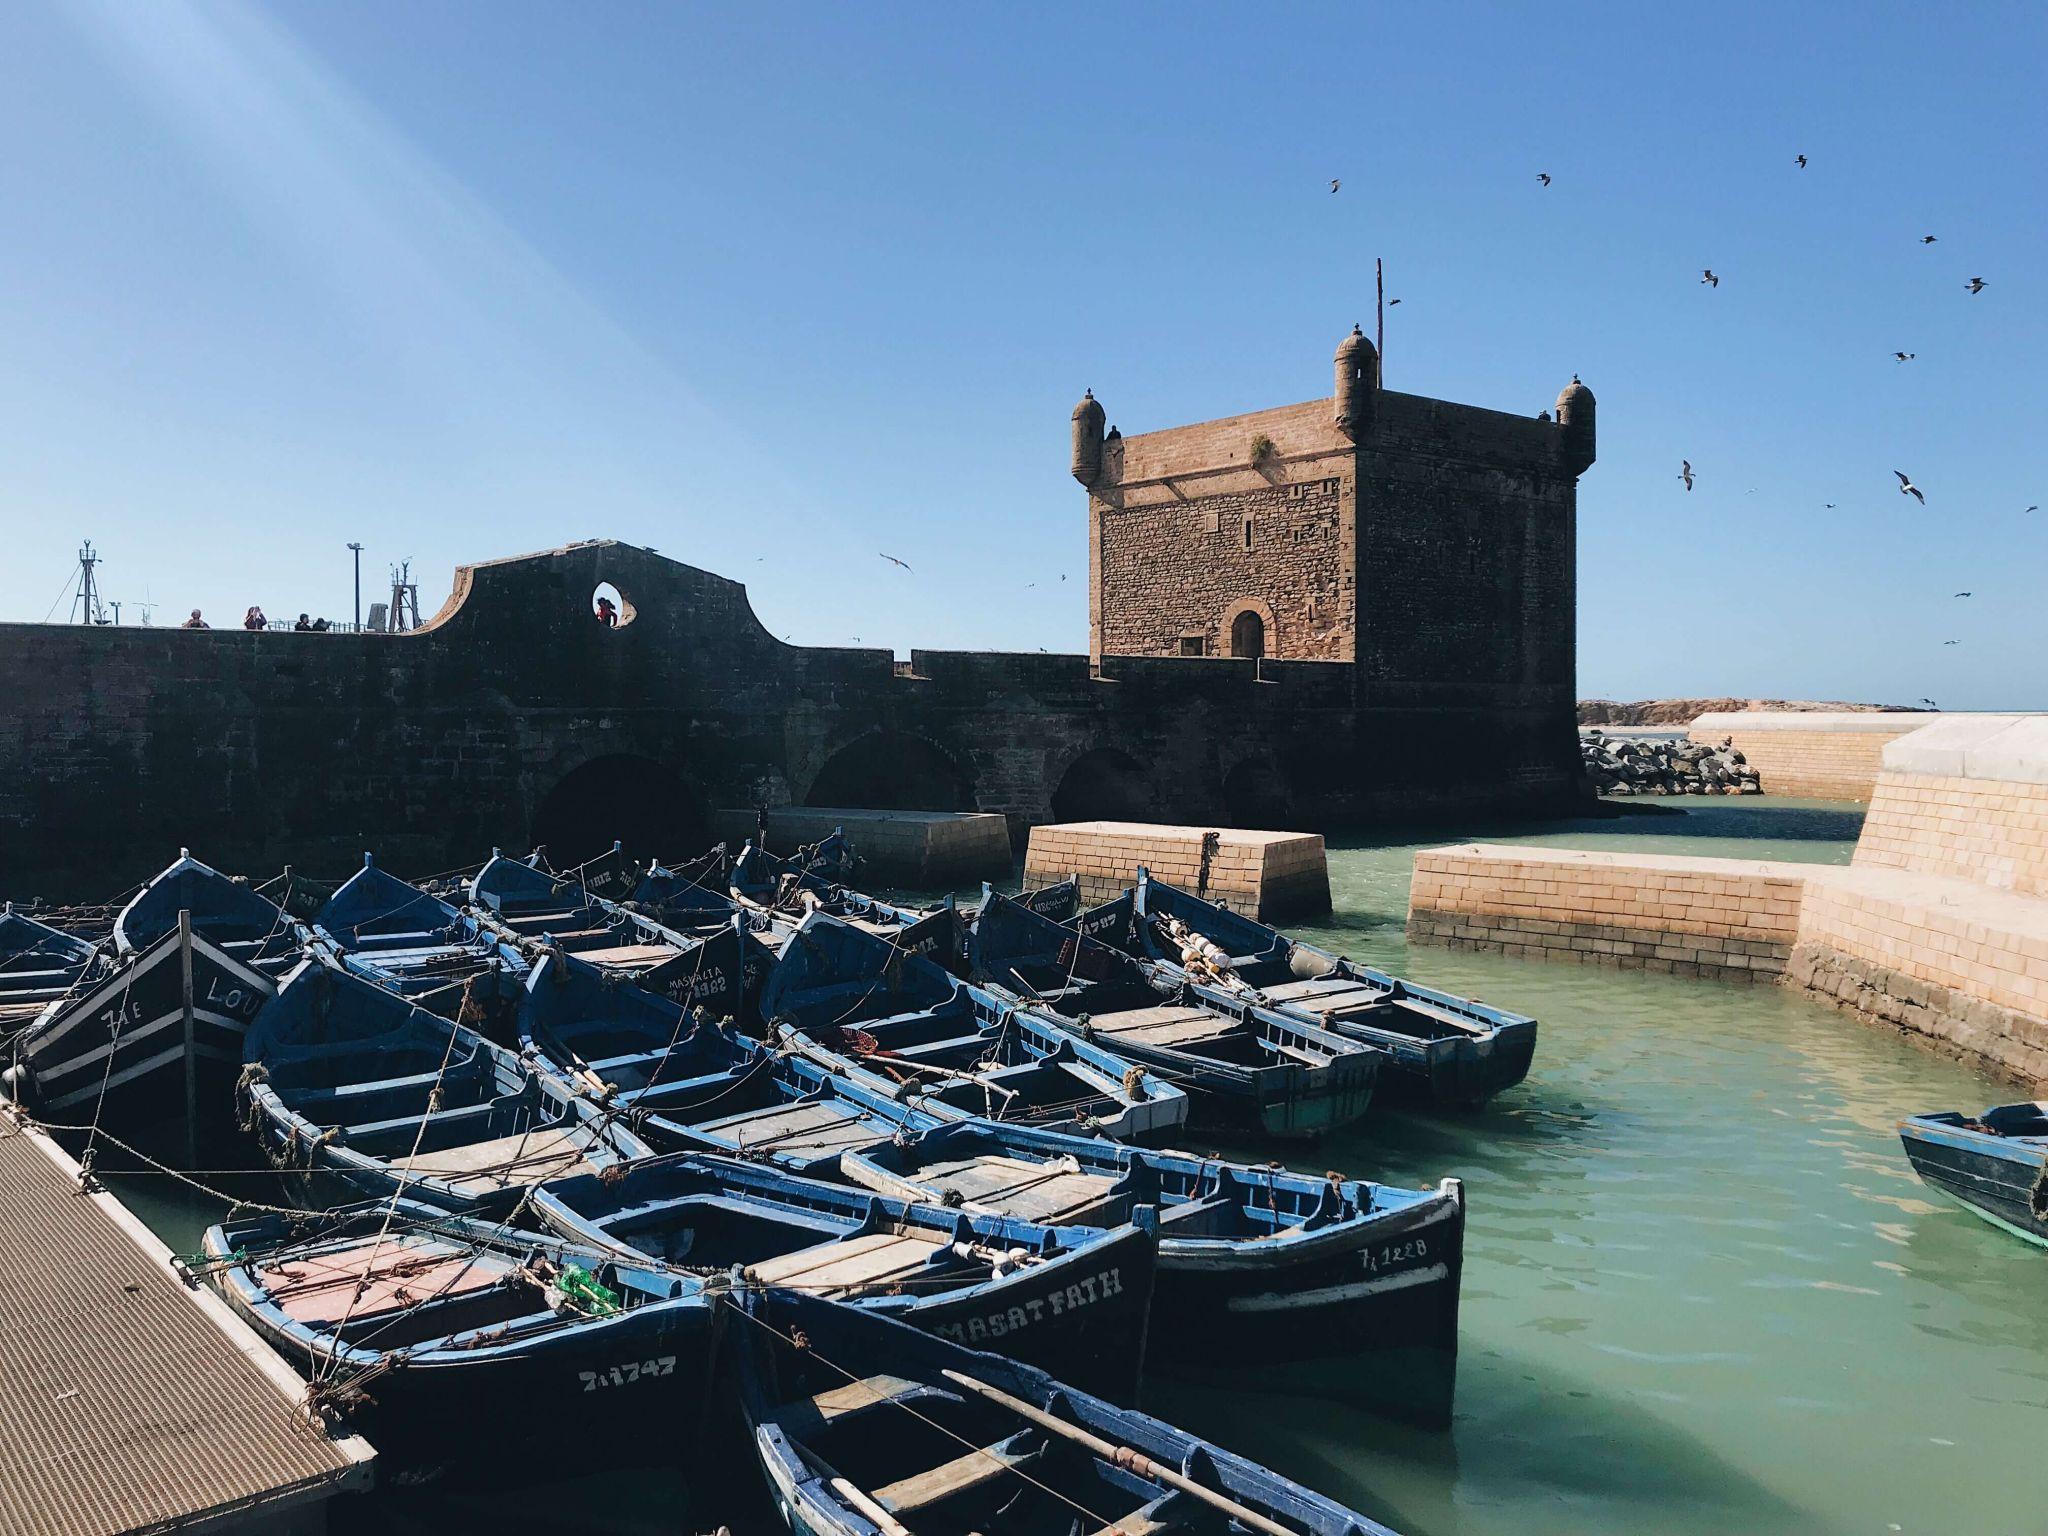 Essaouira game of thrones harbour scenes